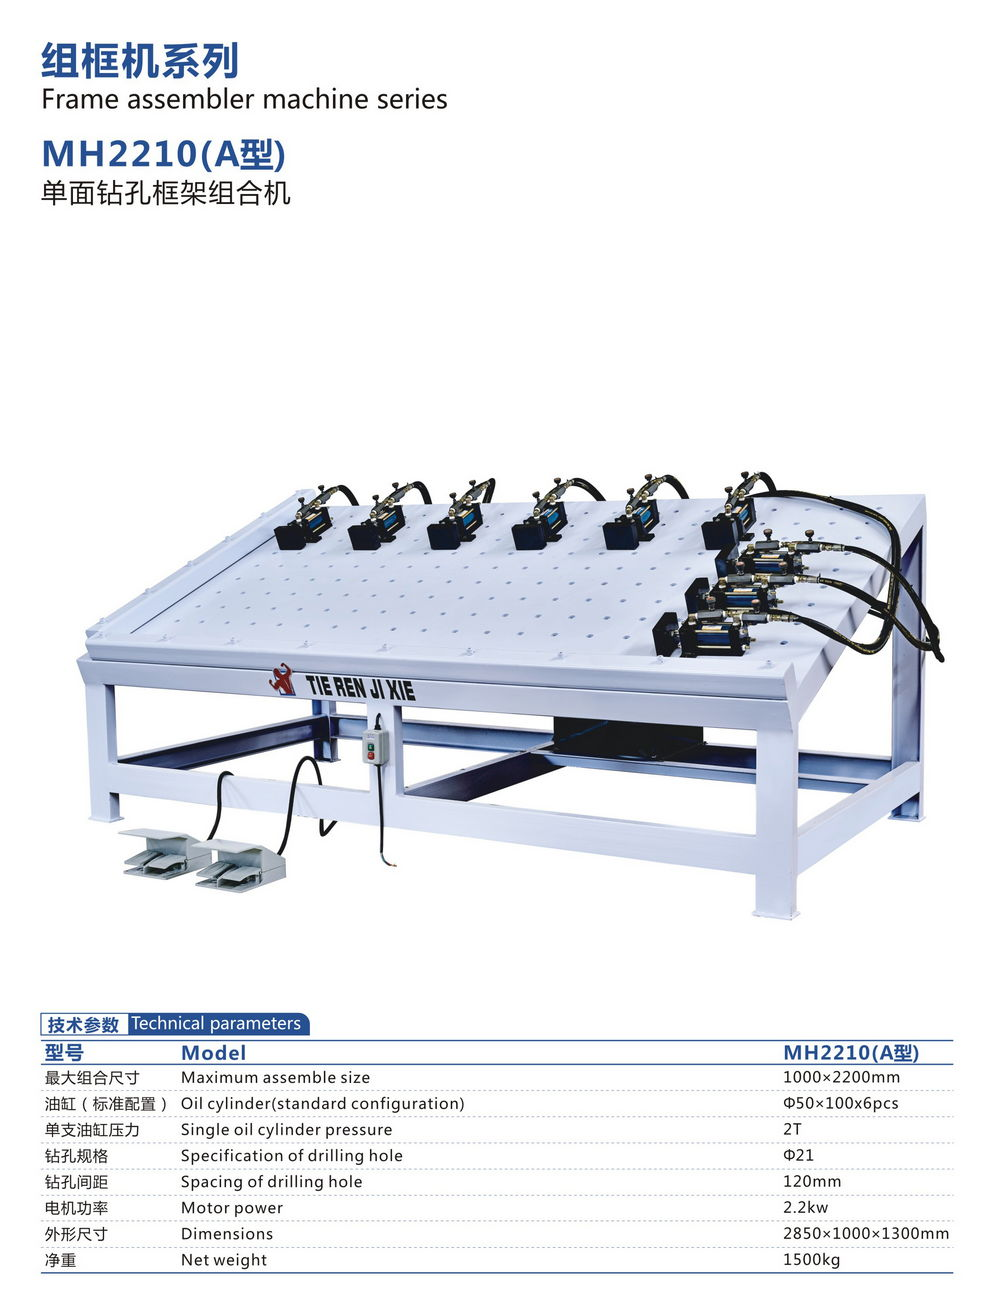 单面钻孔框架组合机,广东单面钻孔框架组合机厂家,广东单面钻孔框架组合机制造商